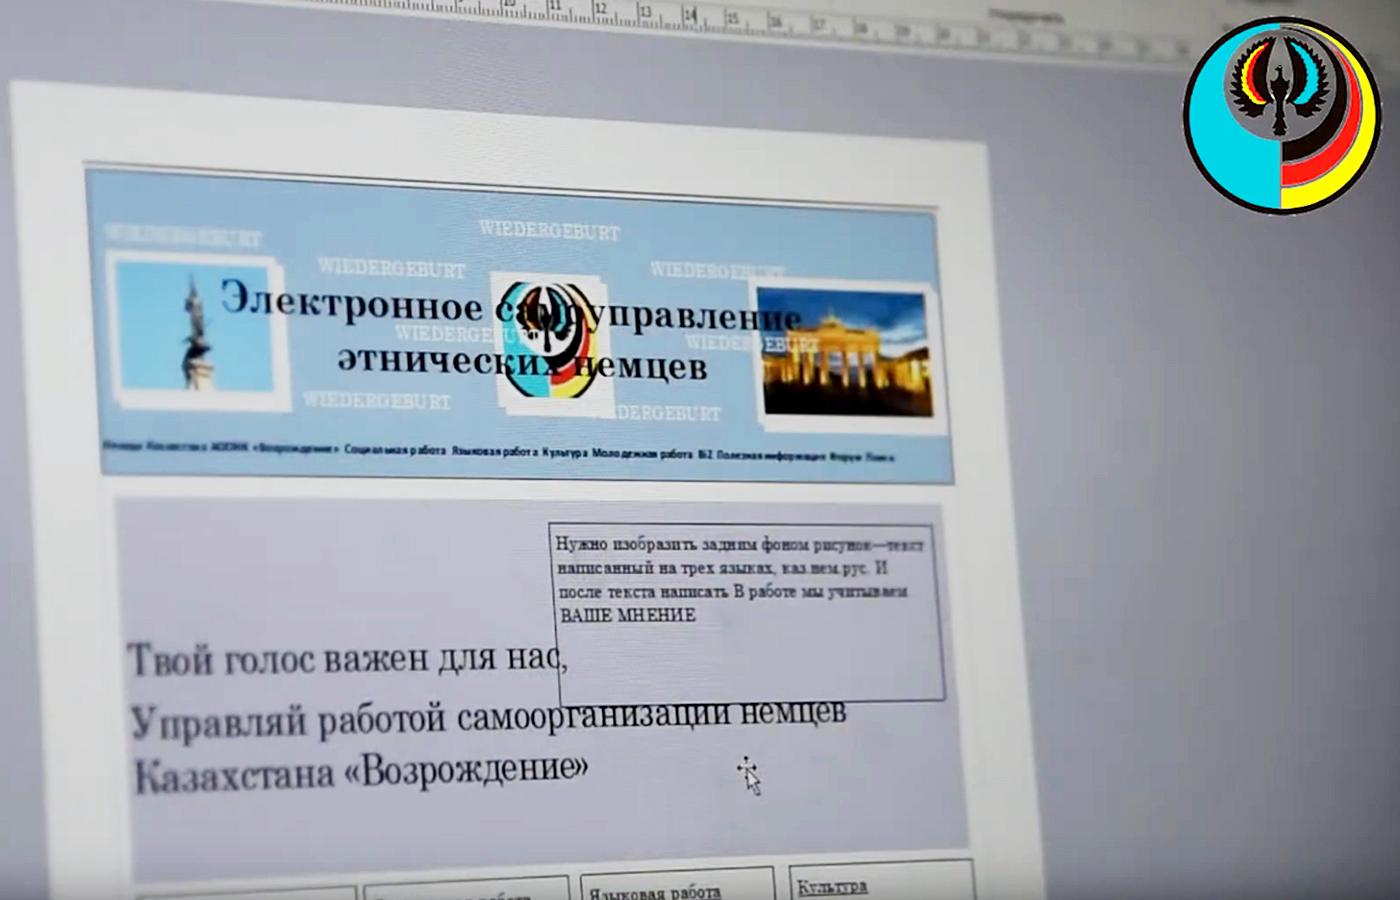 СМОТРИТЕ ВИДЕО: 10 лет сайту wiedergeburt.kz